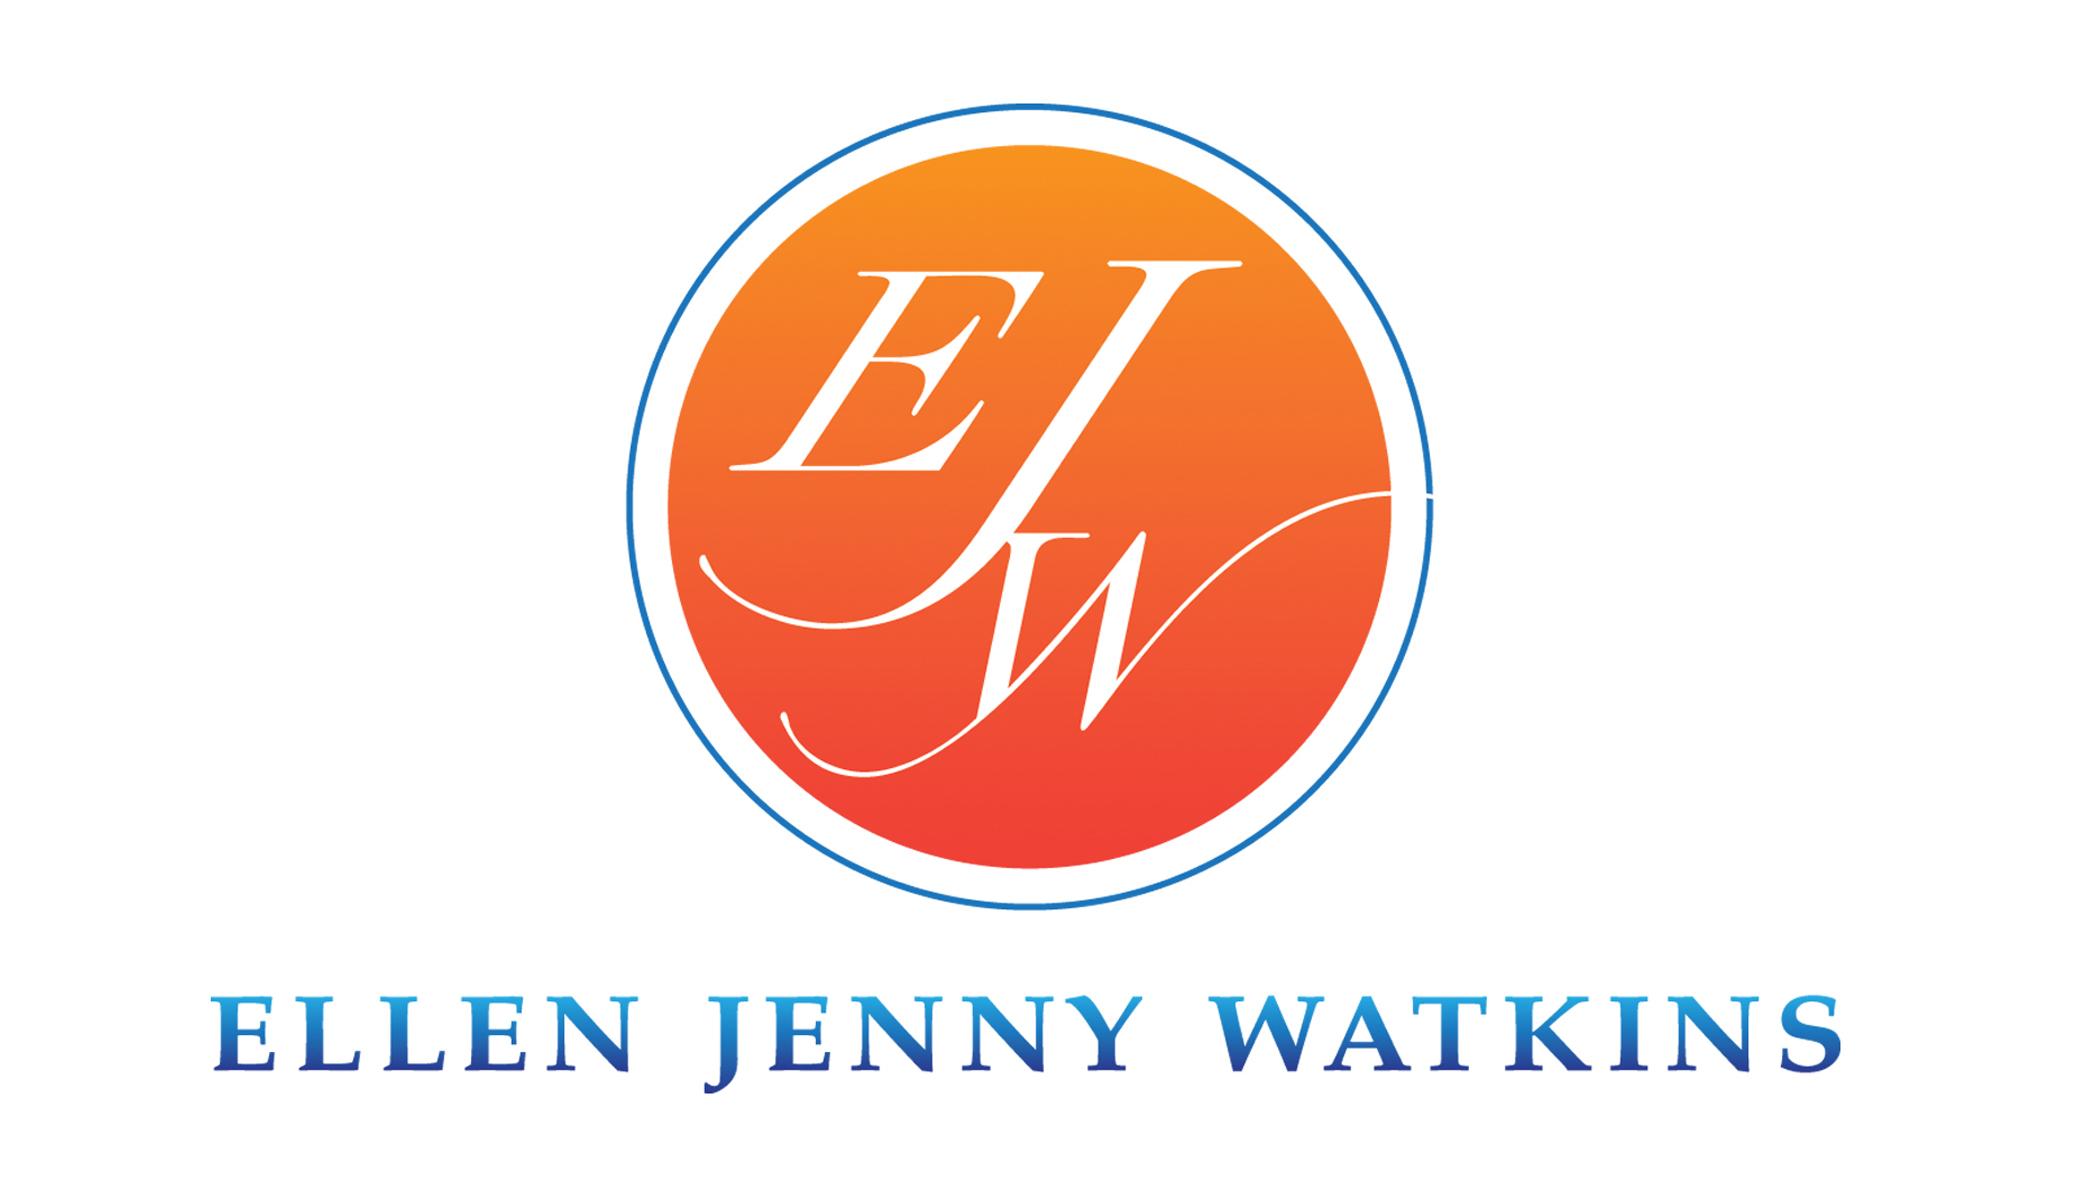 EllenJennyWatkins_Logos.jpg